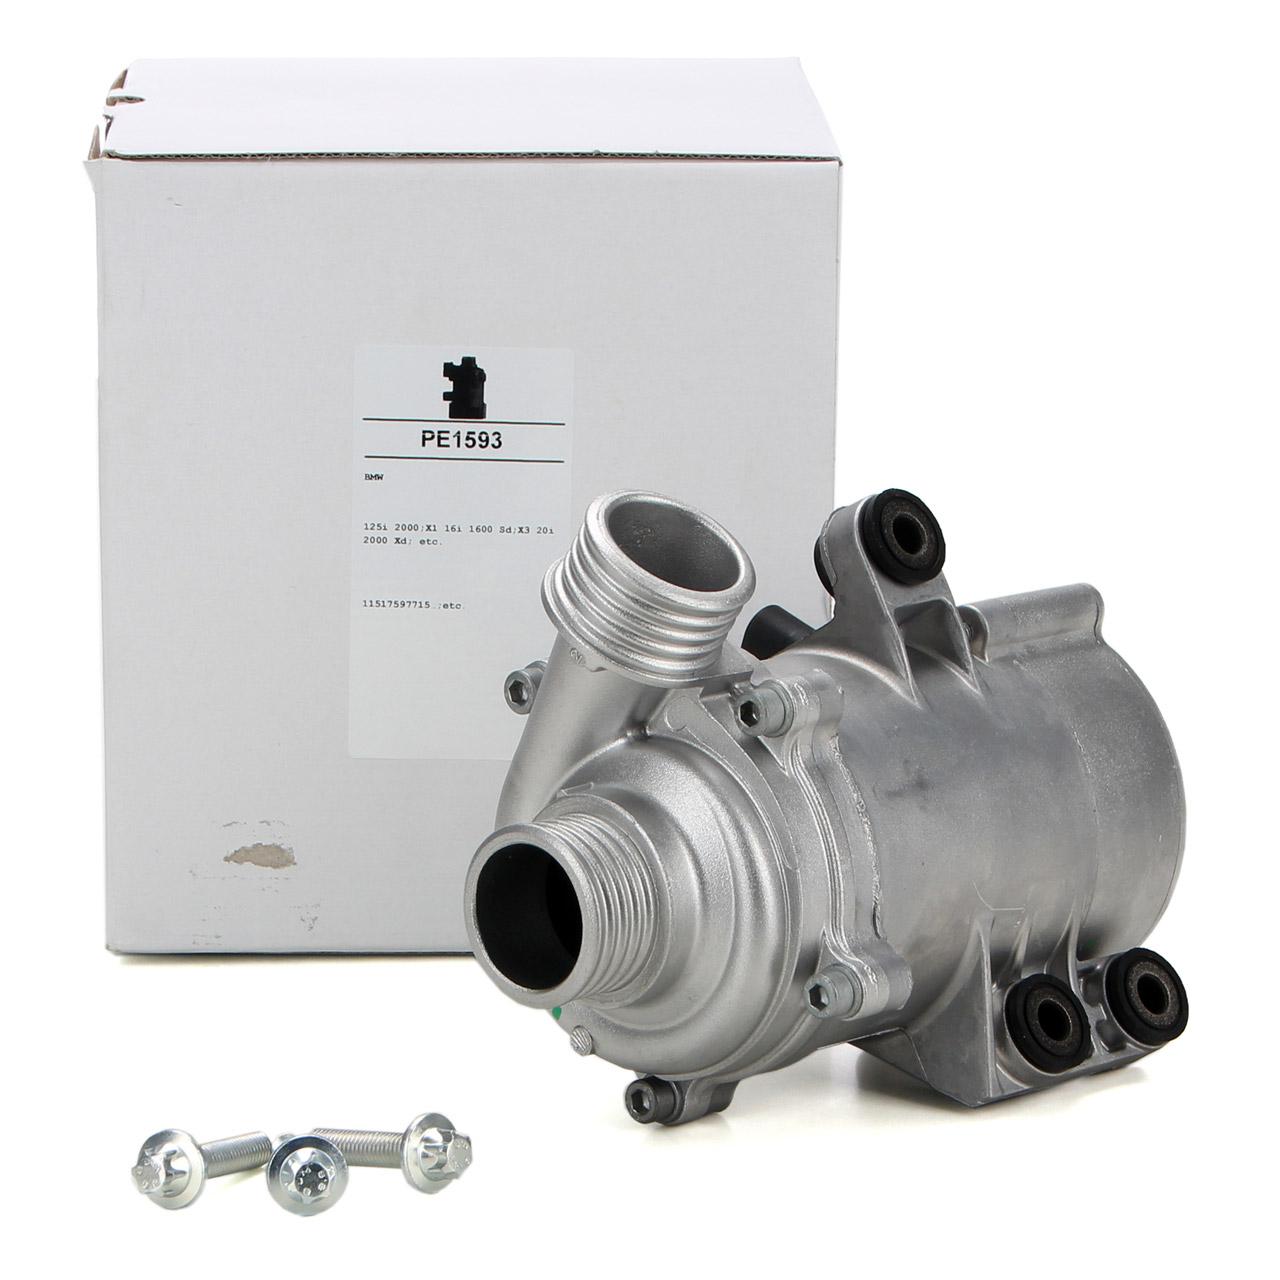 SIL Wasserpumpe BMW F20 F21 F22 F23 F30-34 F32-36 F10 F11 N20 11517597715